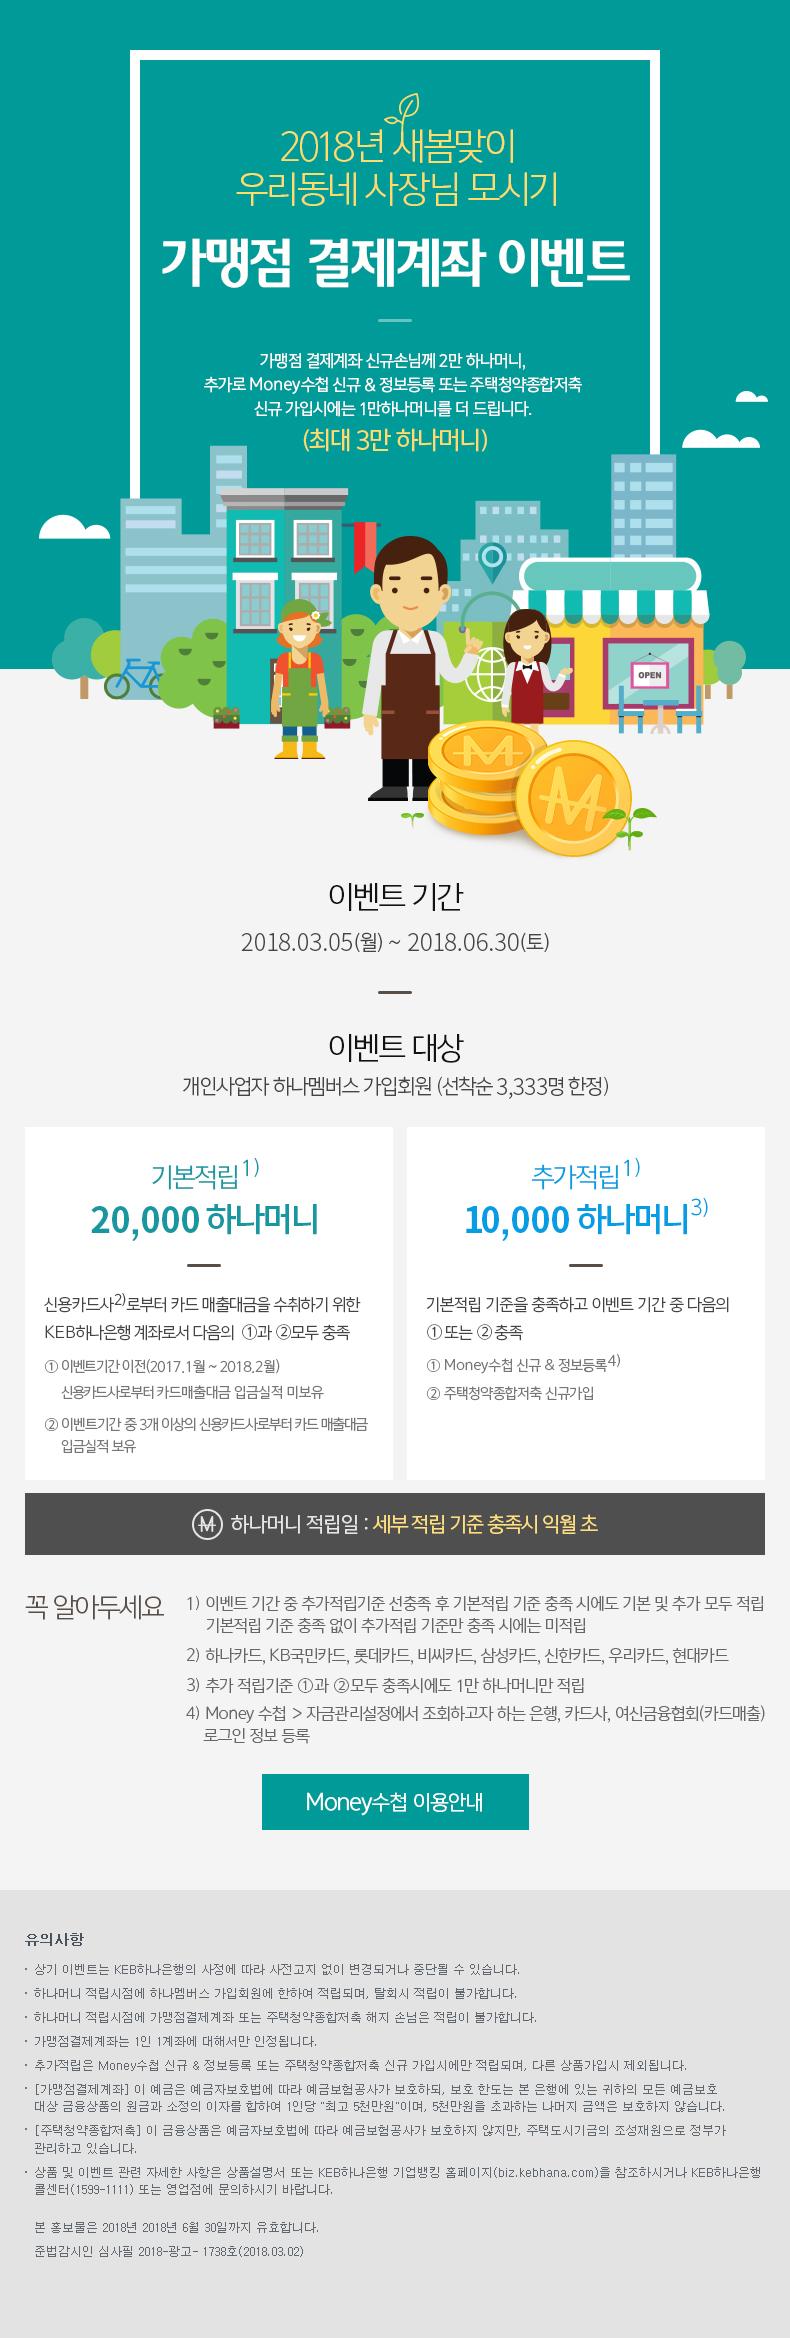 2018년 새봄맞이 우리동네 사장님 모시기. 가맹점 결제계좌 이벤트